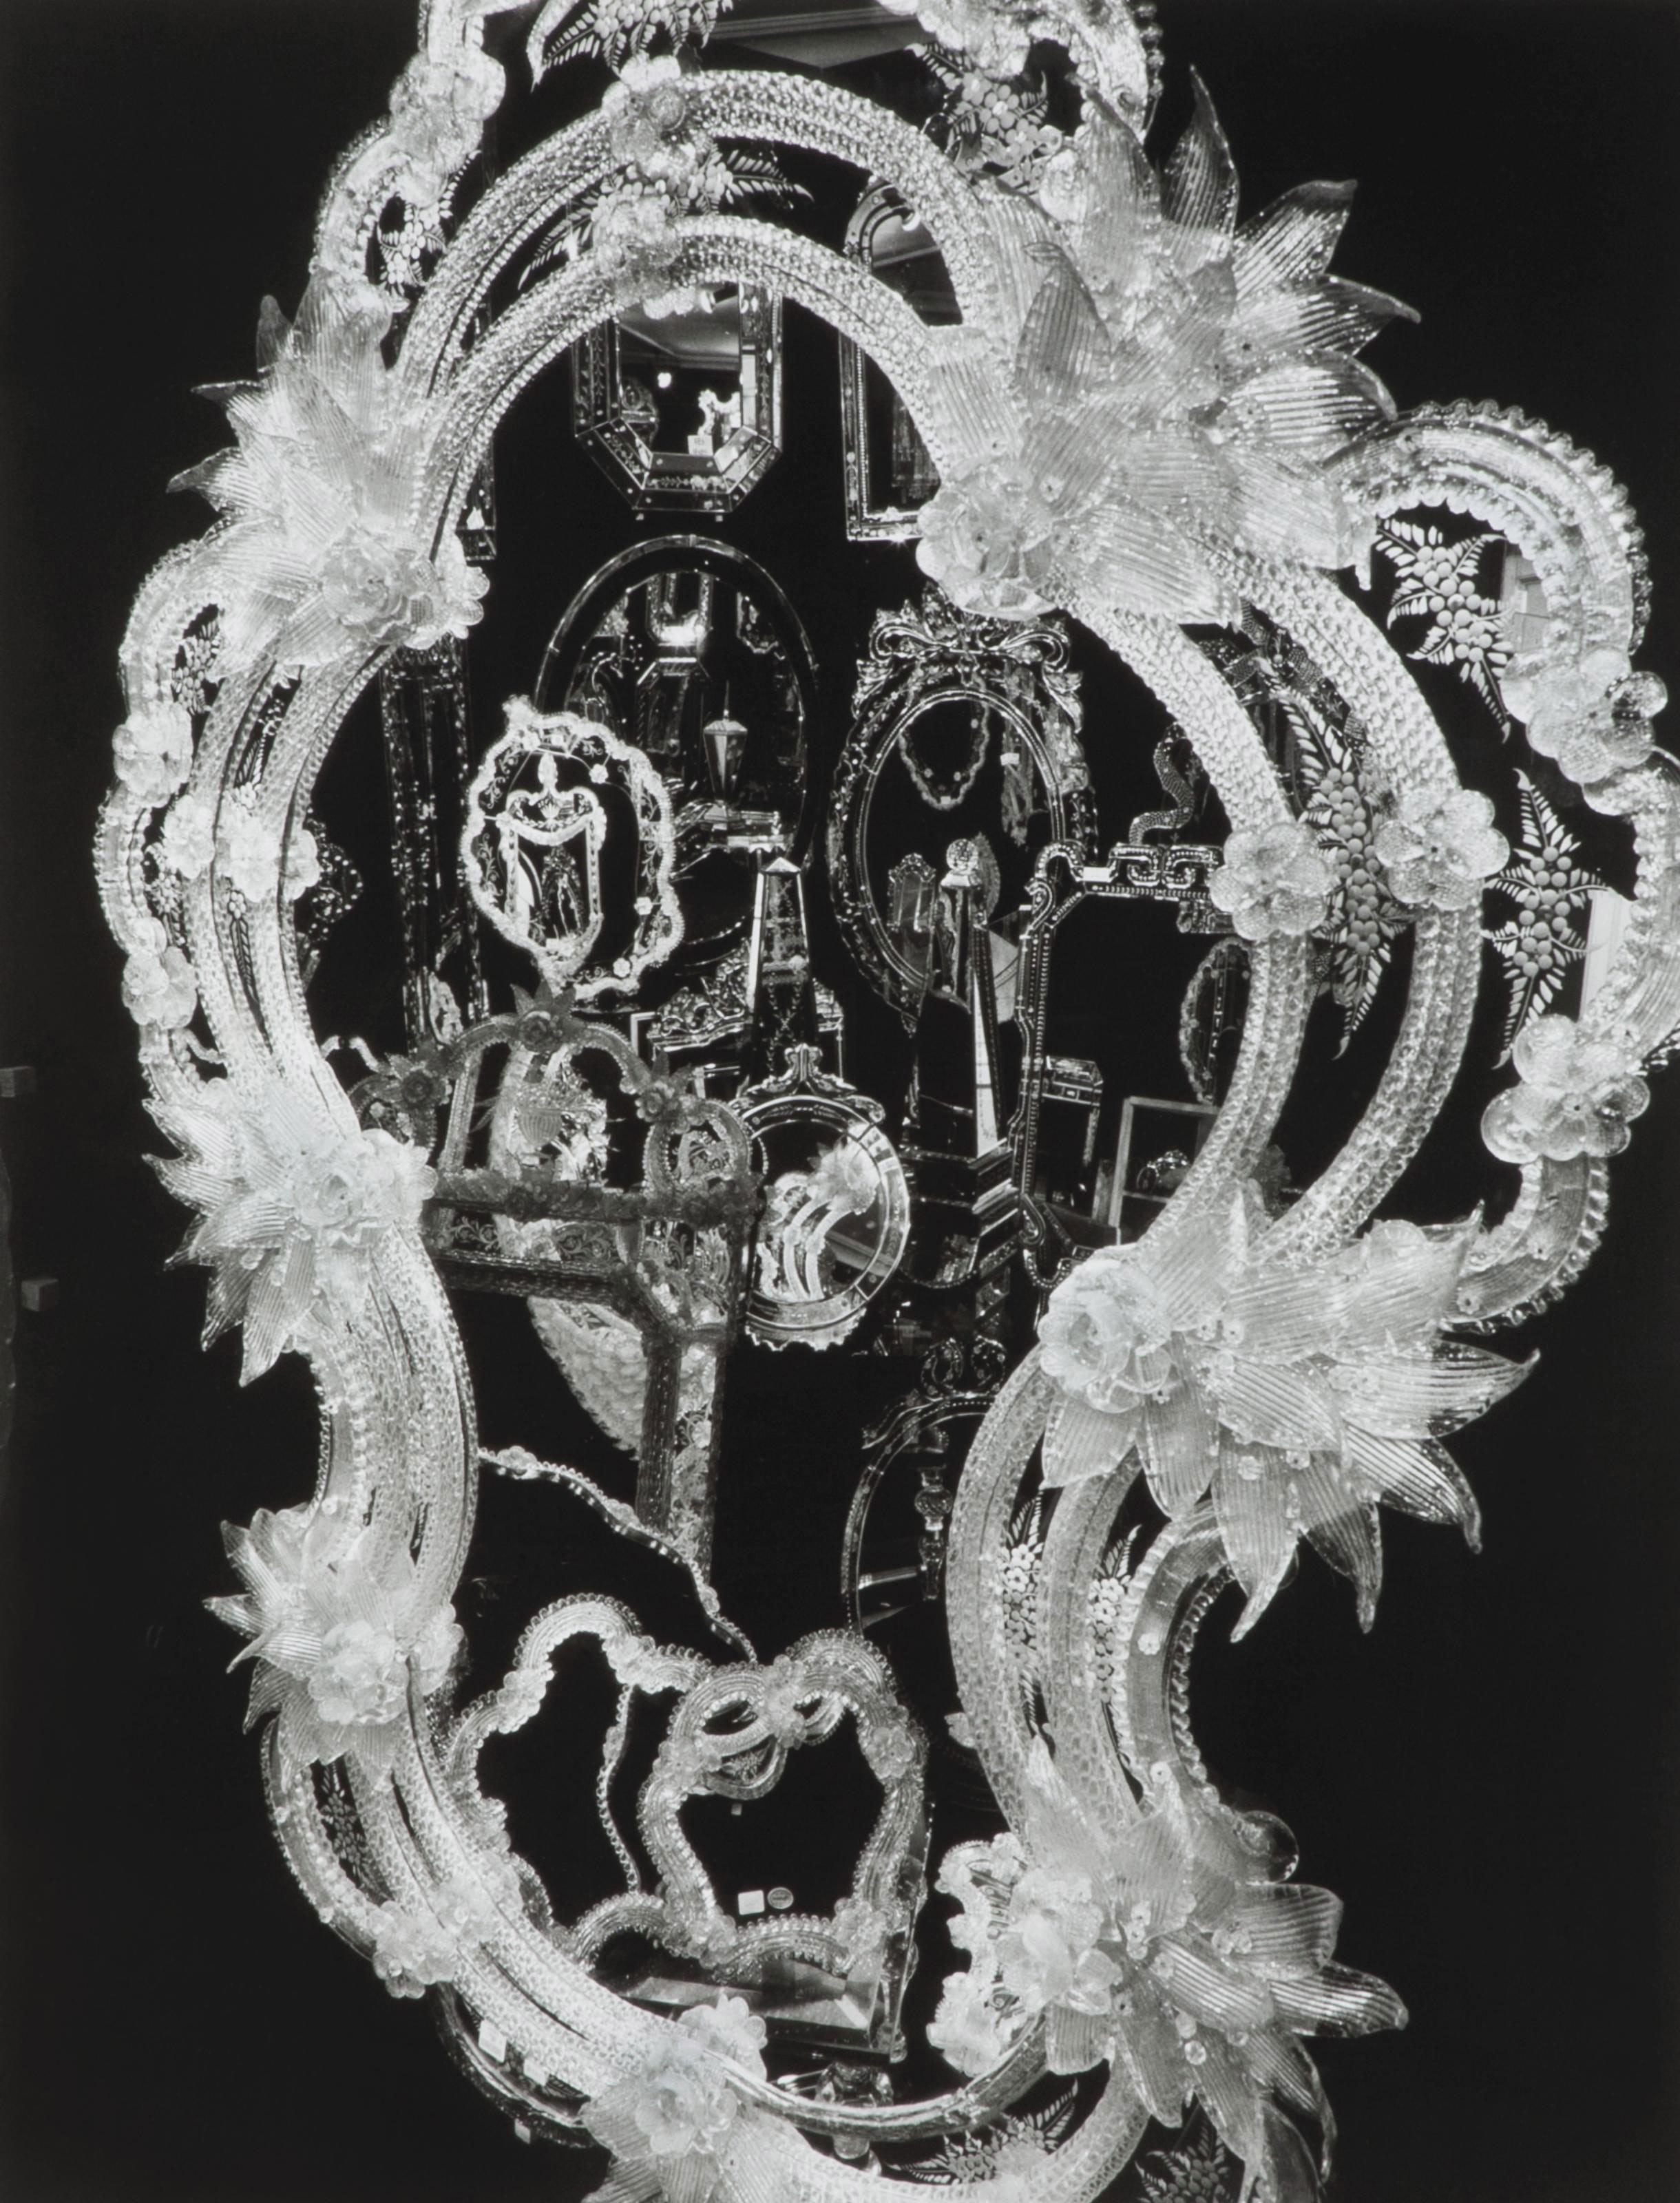 Série Venise (Miroirs), sans titre (97 07 08 04), 1997